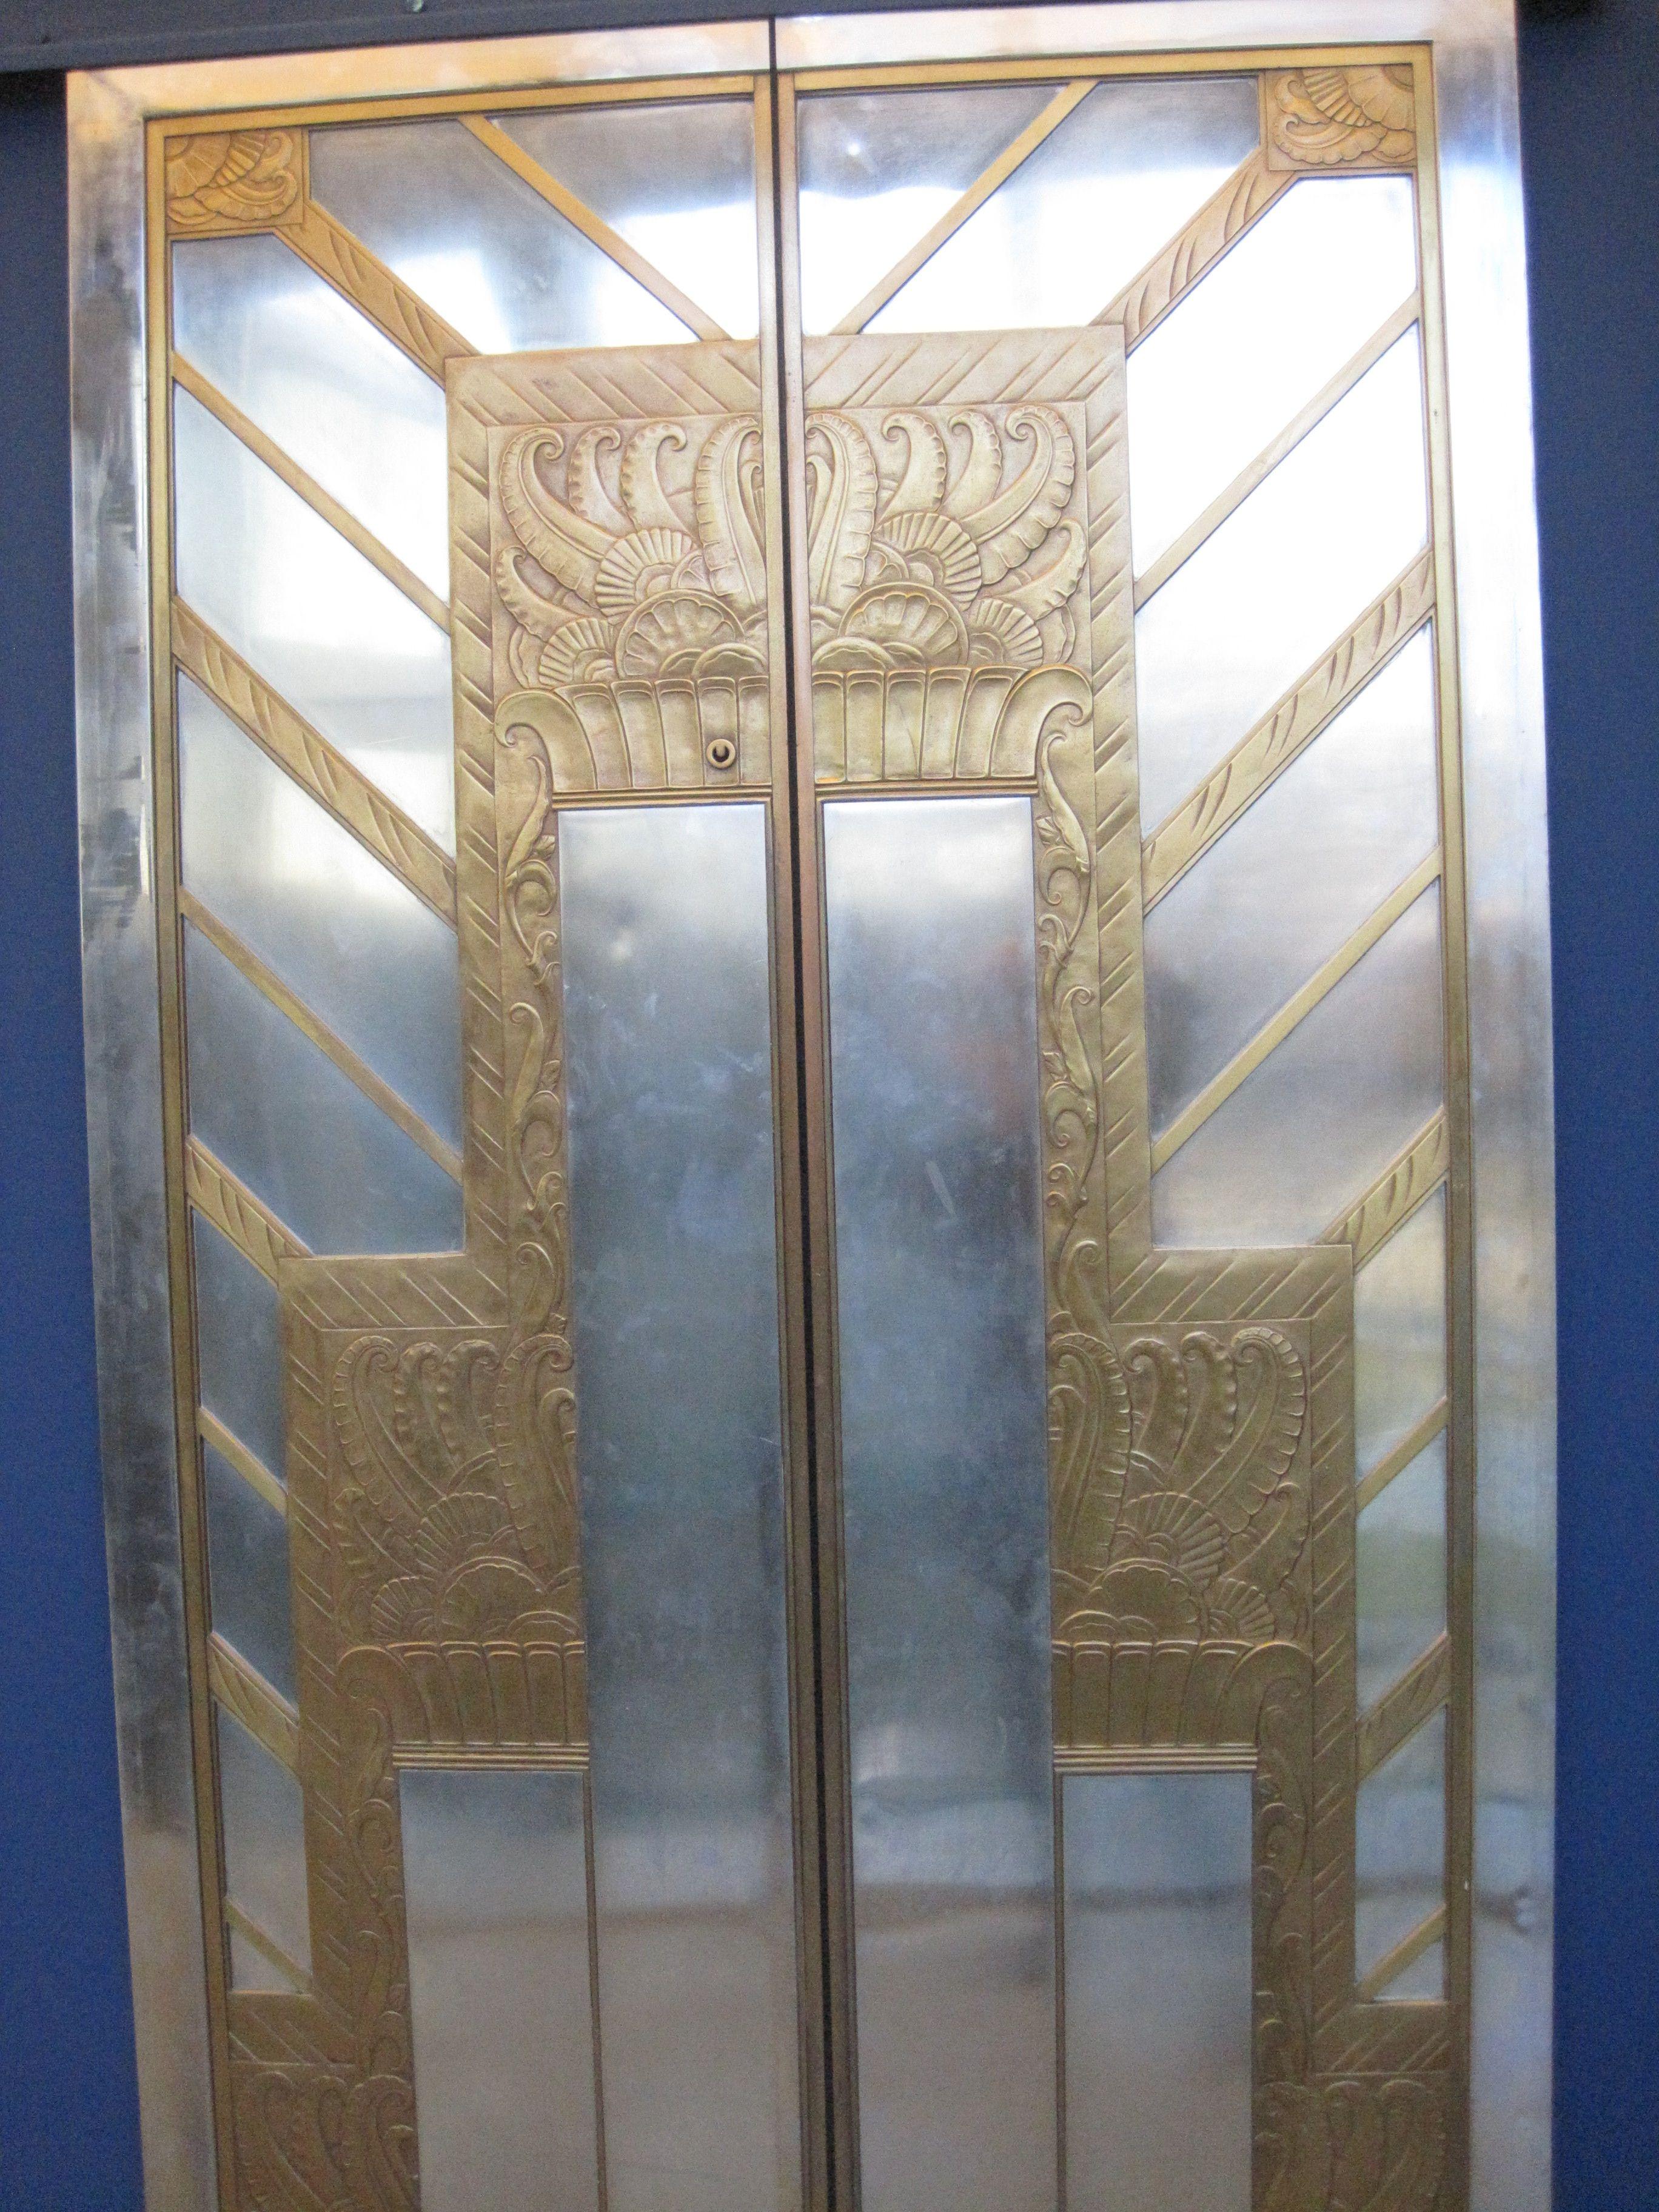 Art deco elevator door panels at delaware art museum art deco